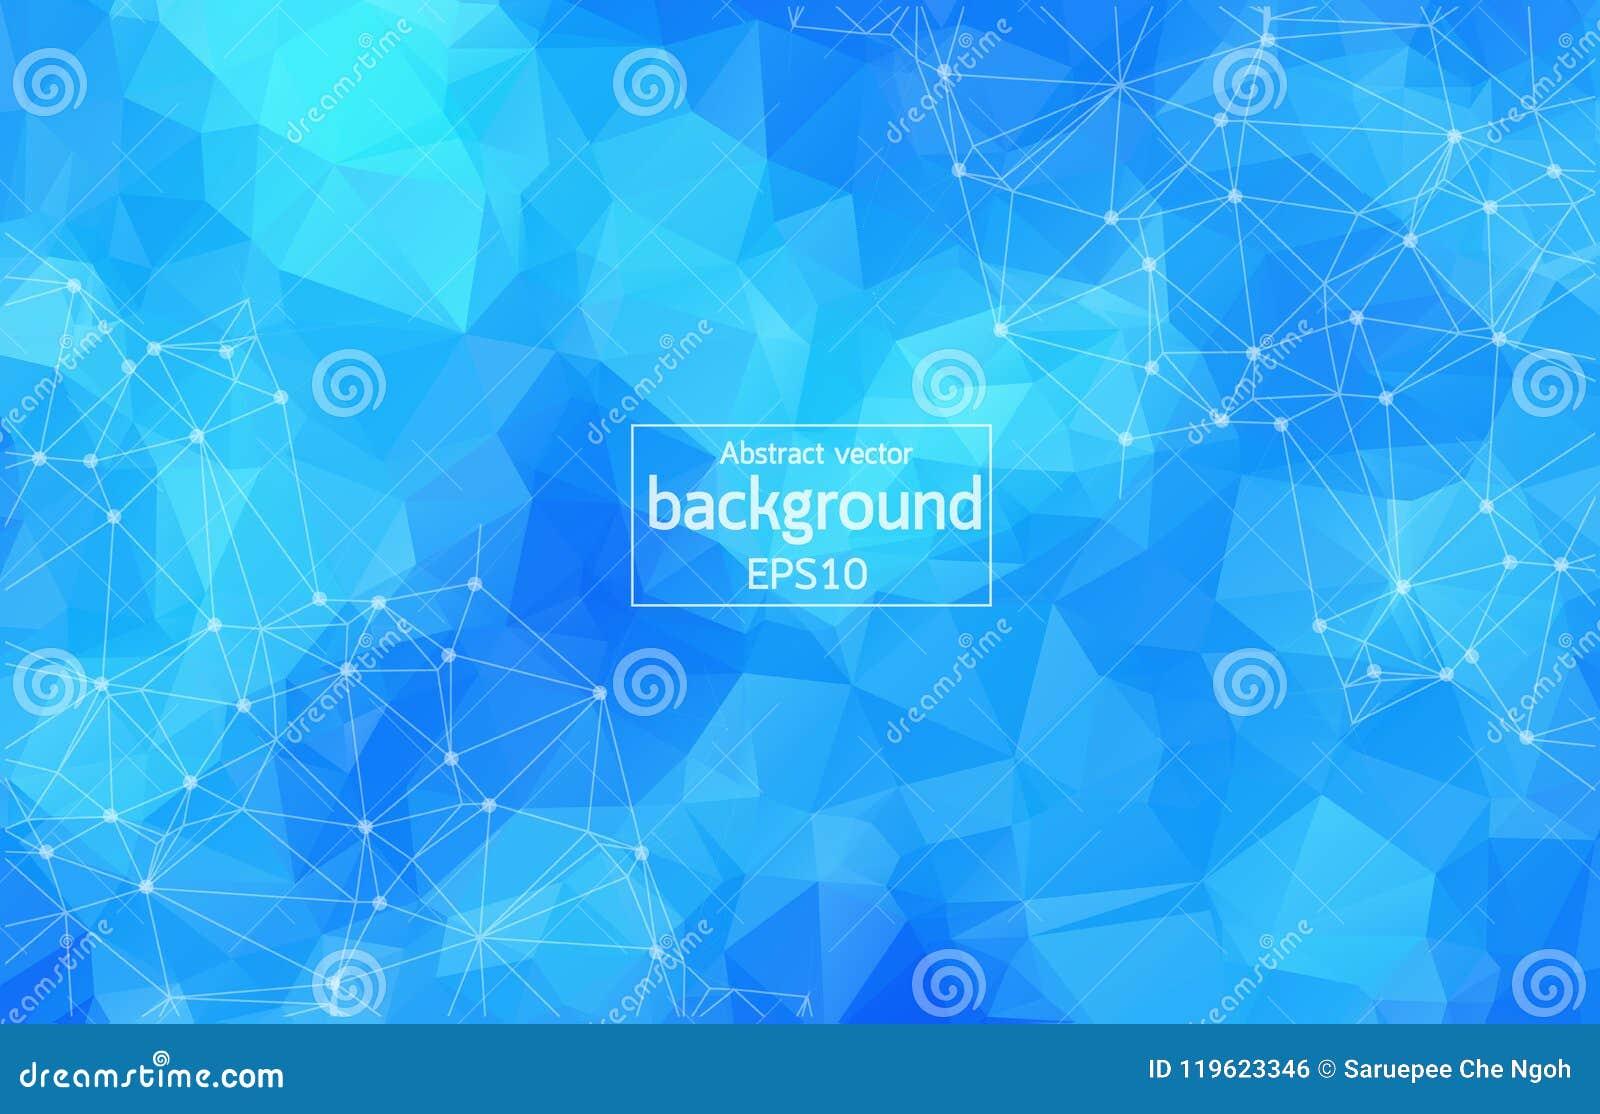 与连接的小点和线的抽象蓝色多角形空间背景 连接结构 传染媒介科学背景 多角形